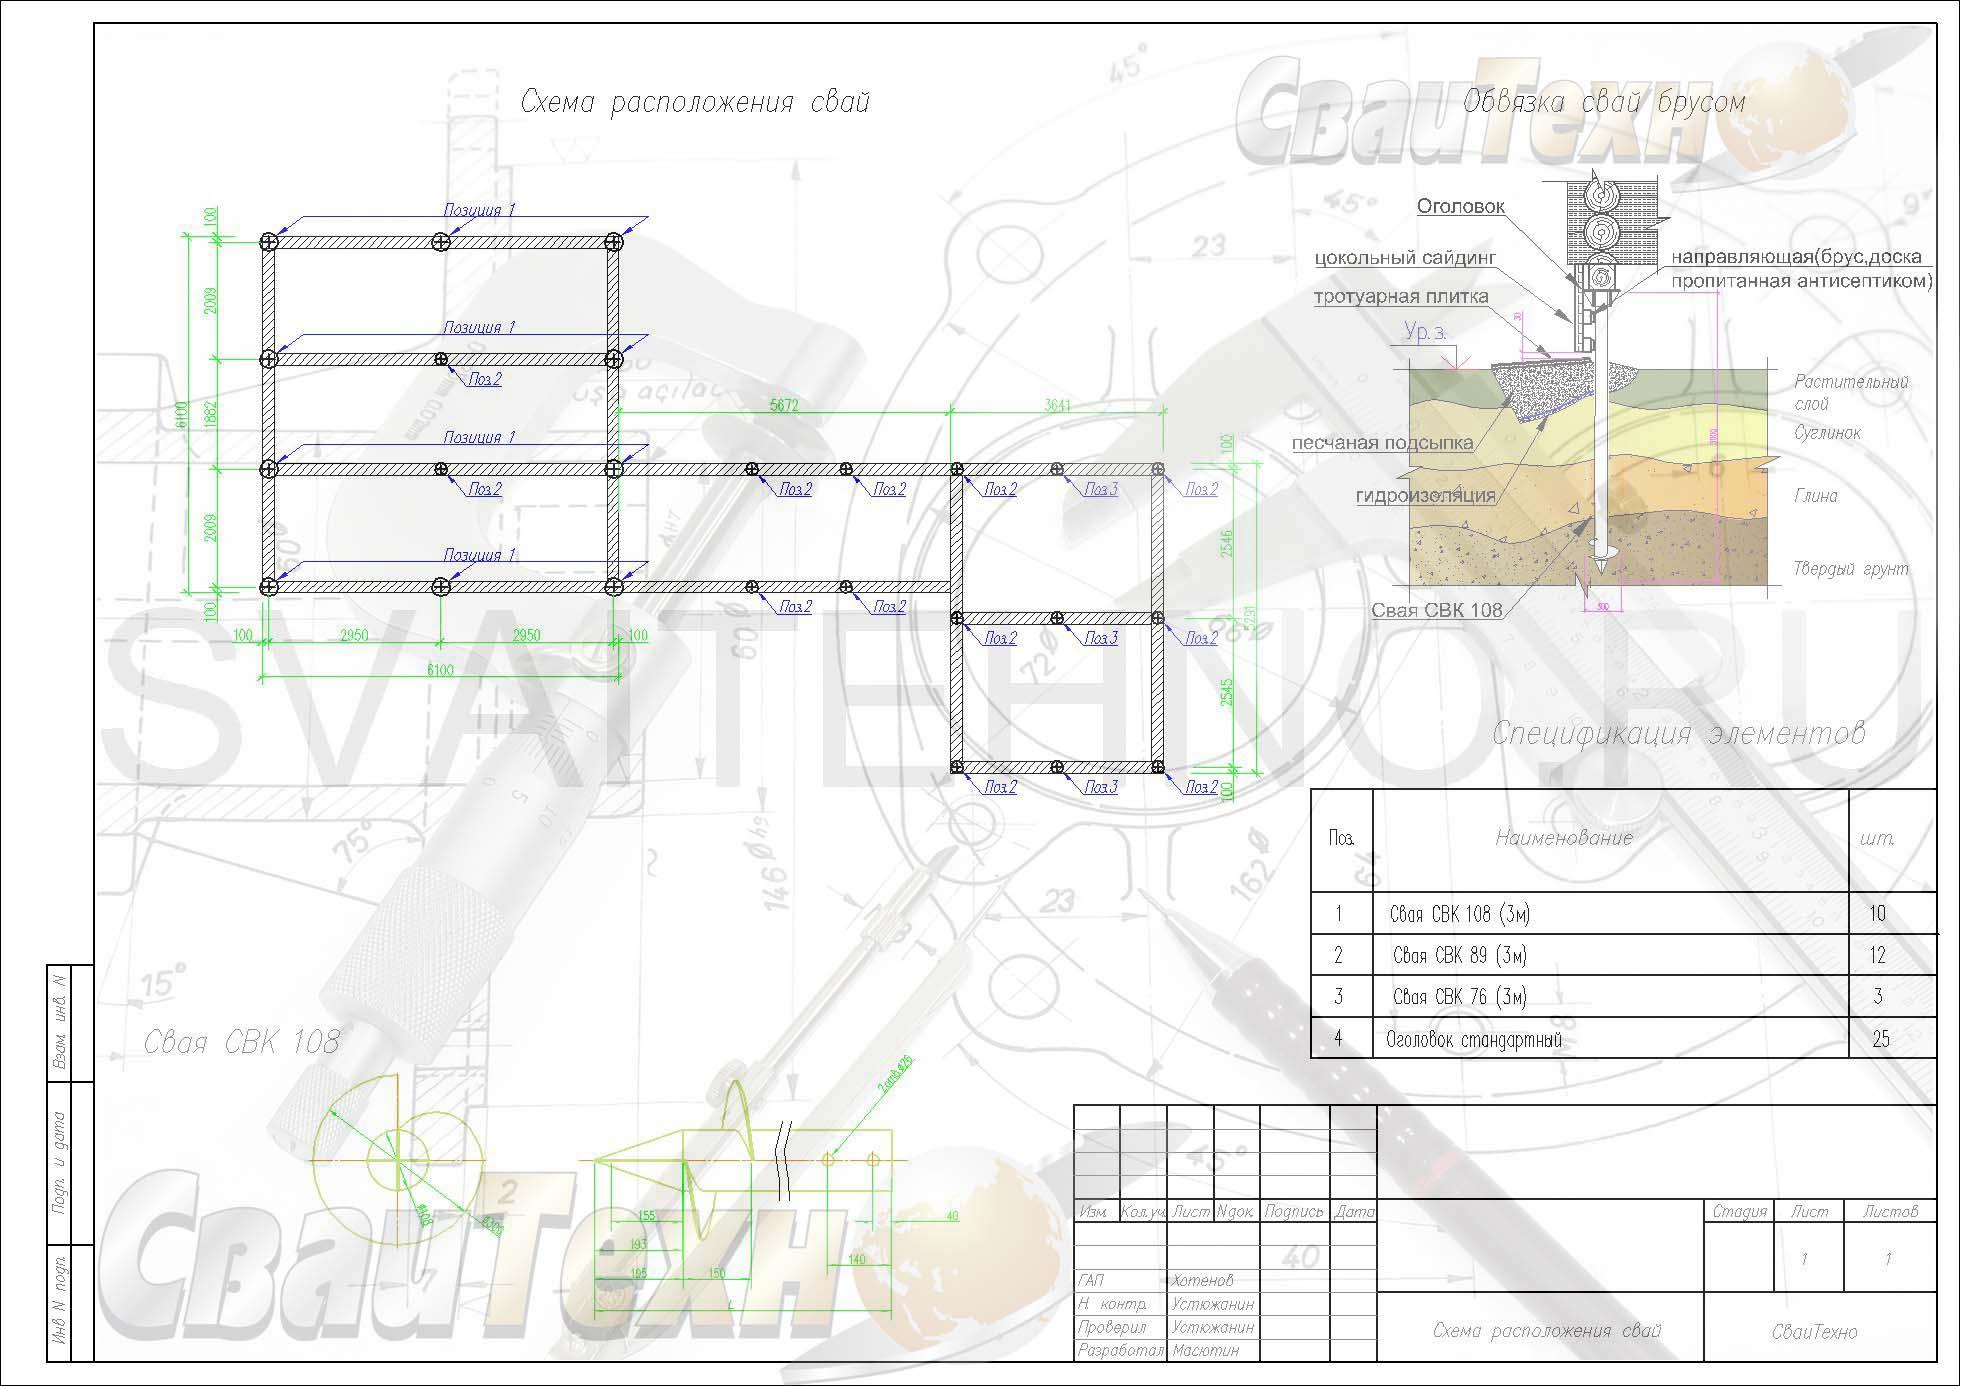 Схема расположения свай для строительства каркасного дома с пристроем